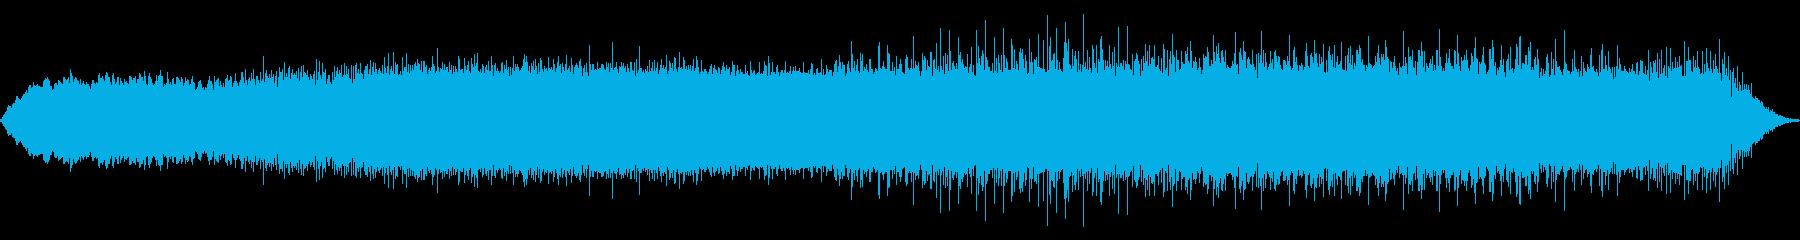 宇宙的ミニマルテクノの再生済みの波形